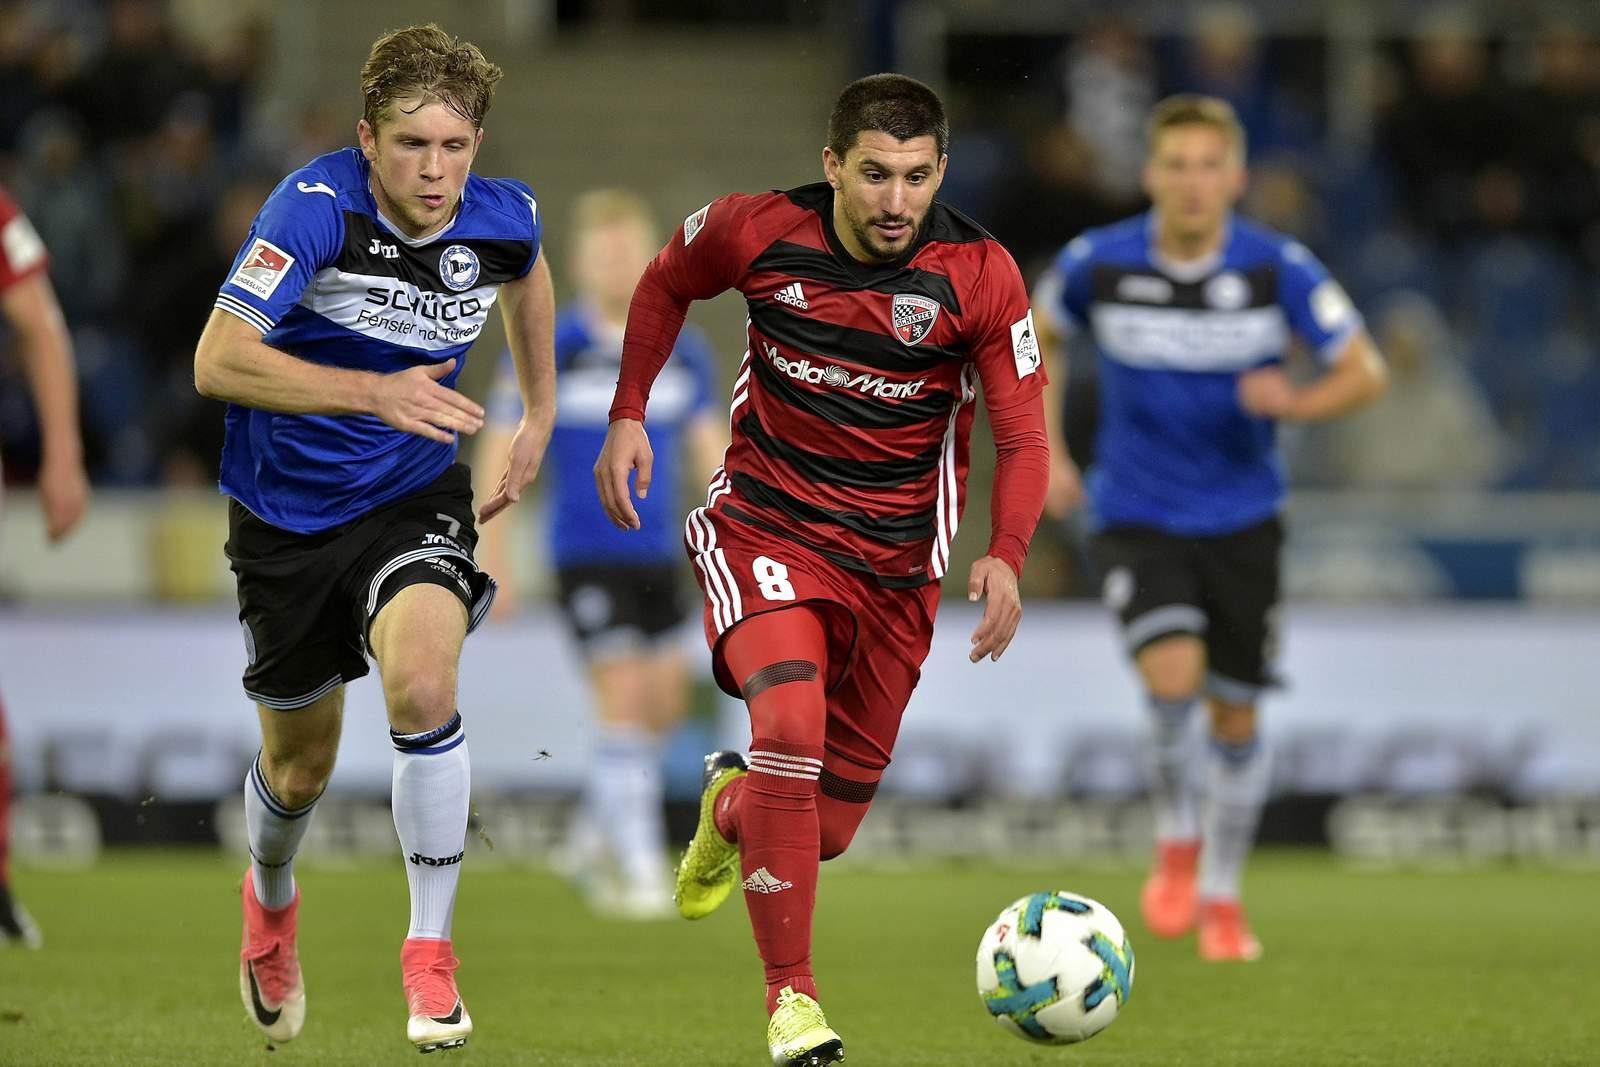 Arminias Patrick Weihrauch und Ingolstadts Almog Cohen jagen dem Bal nach. Jetzt auf Bielefeld gegen Ingolstadt wetten.